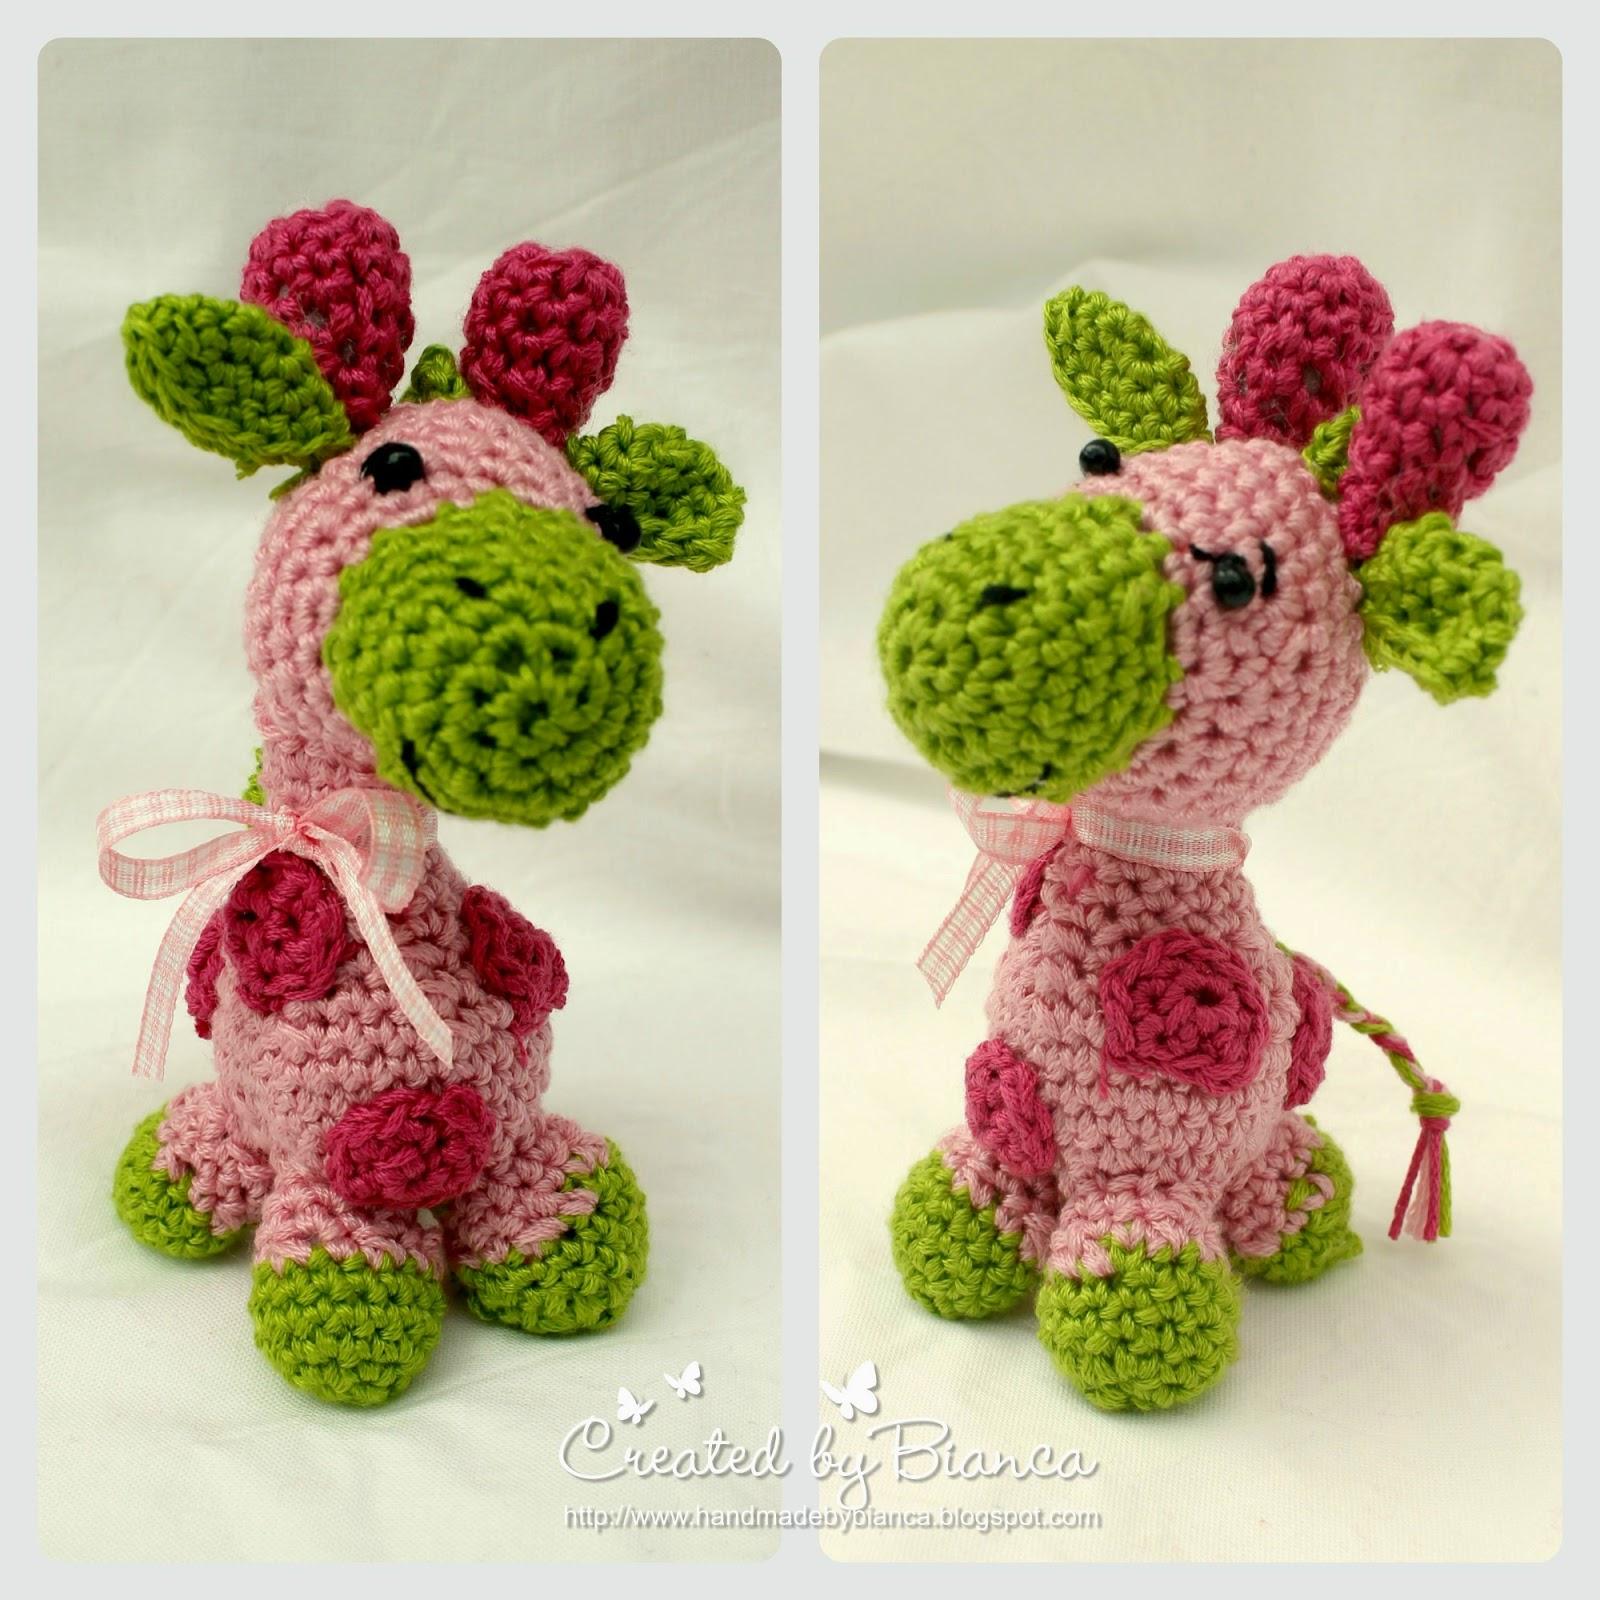 Handmade by Bianca: Häkeln im Krankenhaus, Mini Giraffe